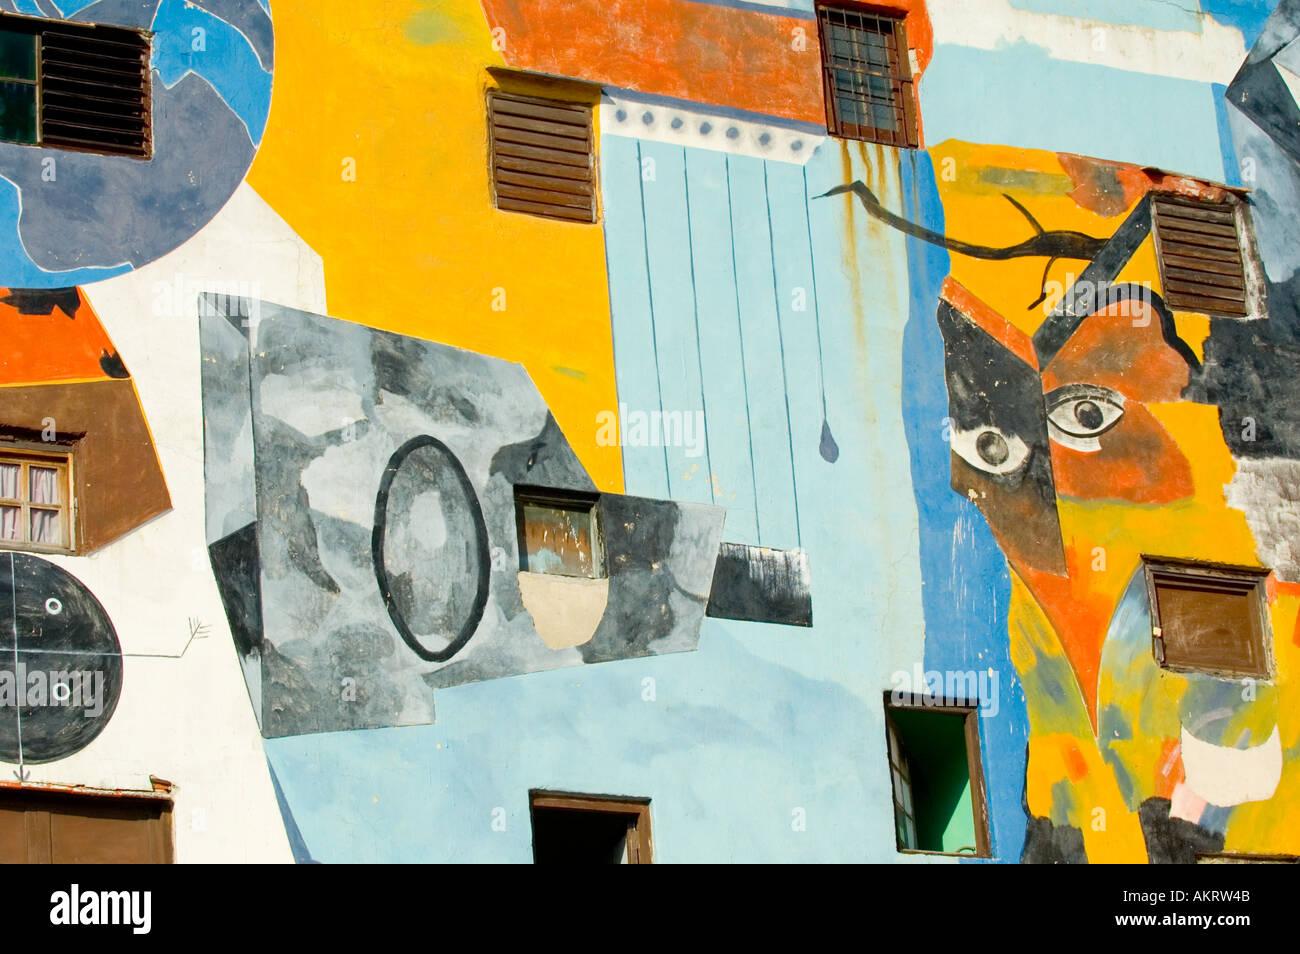 Mural Callejon de Hamel Havana - Stock Image